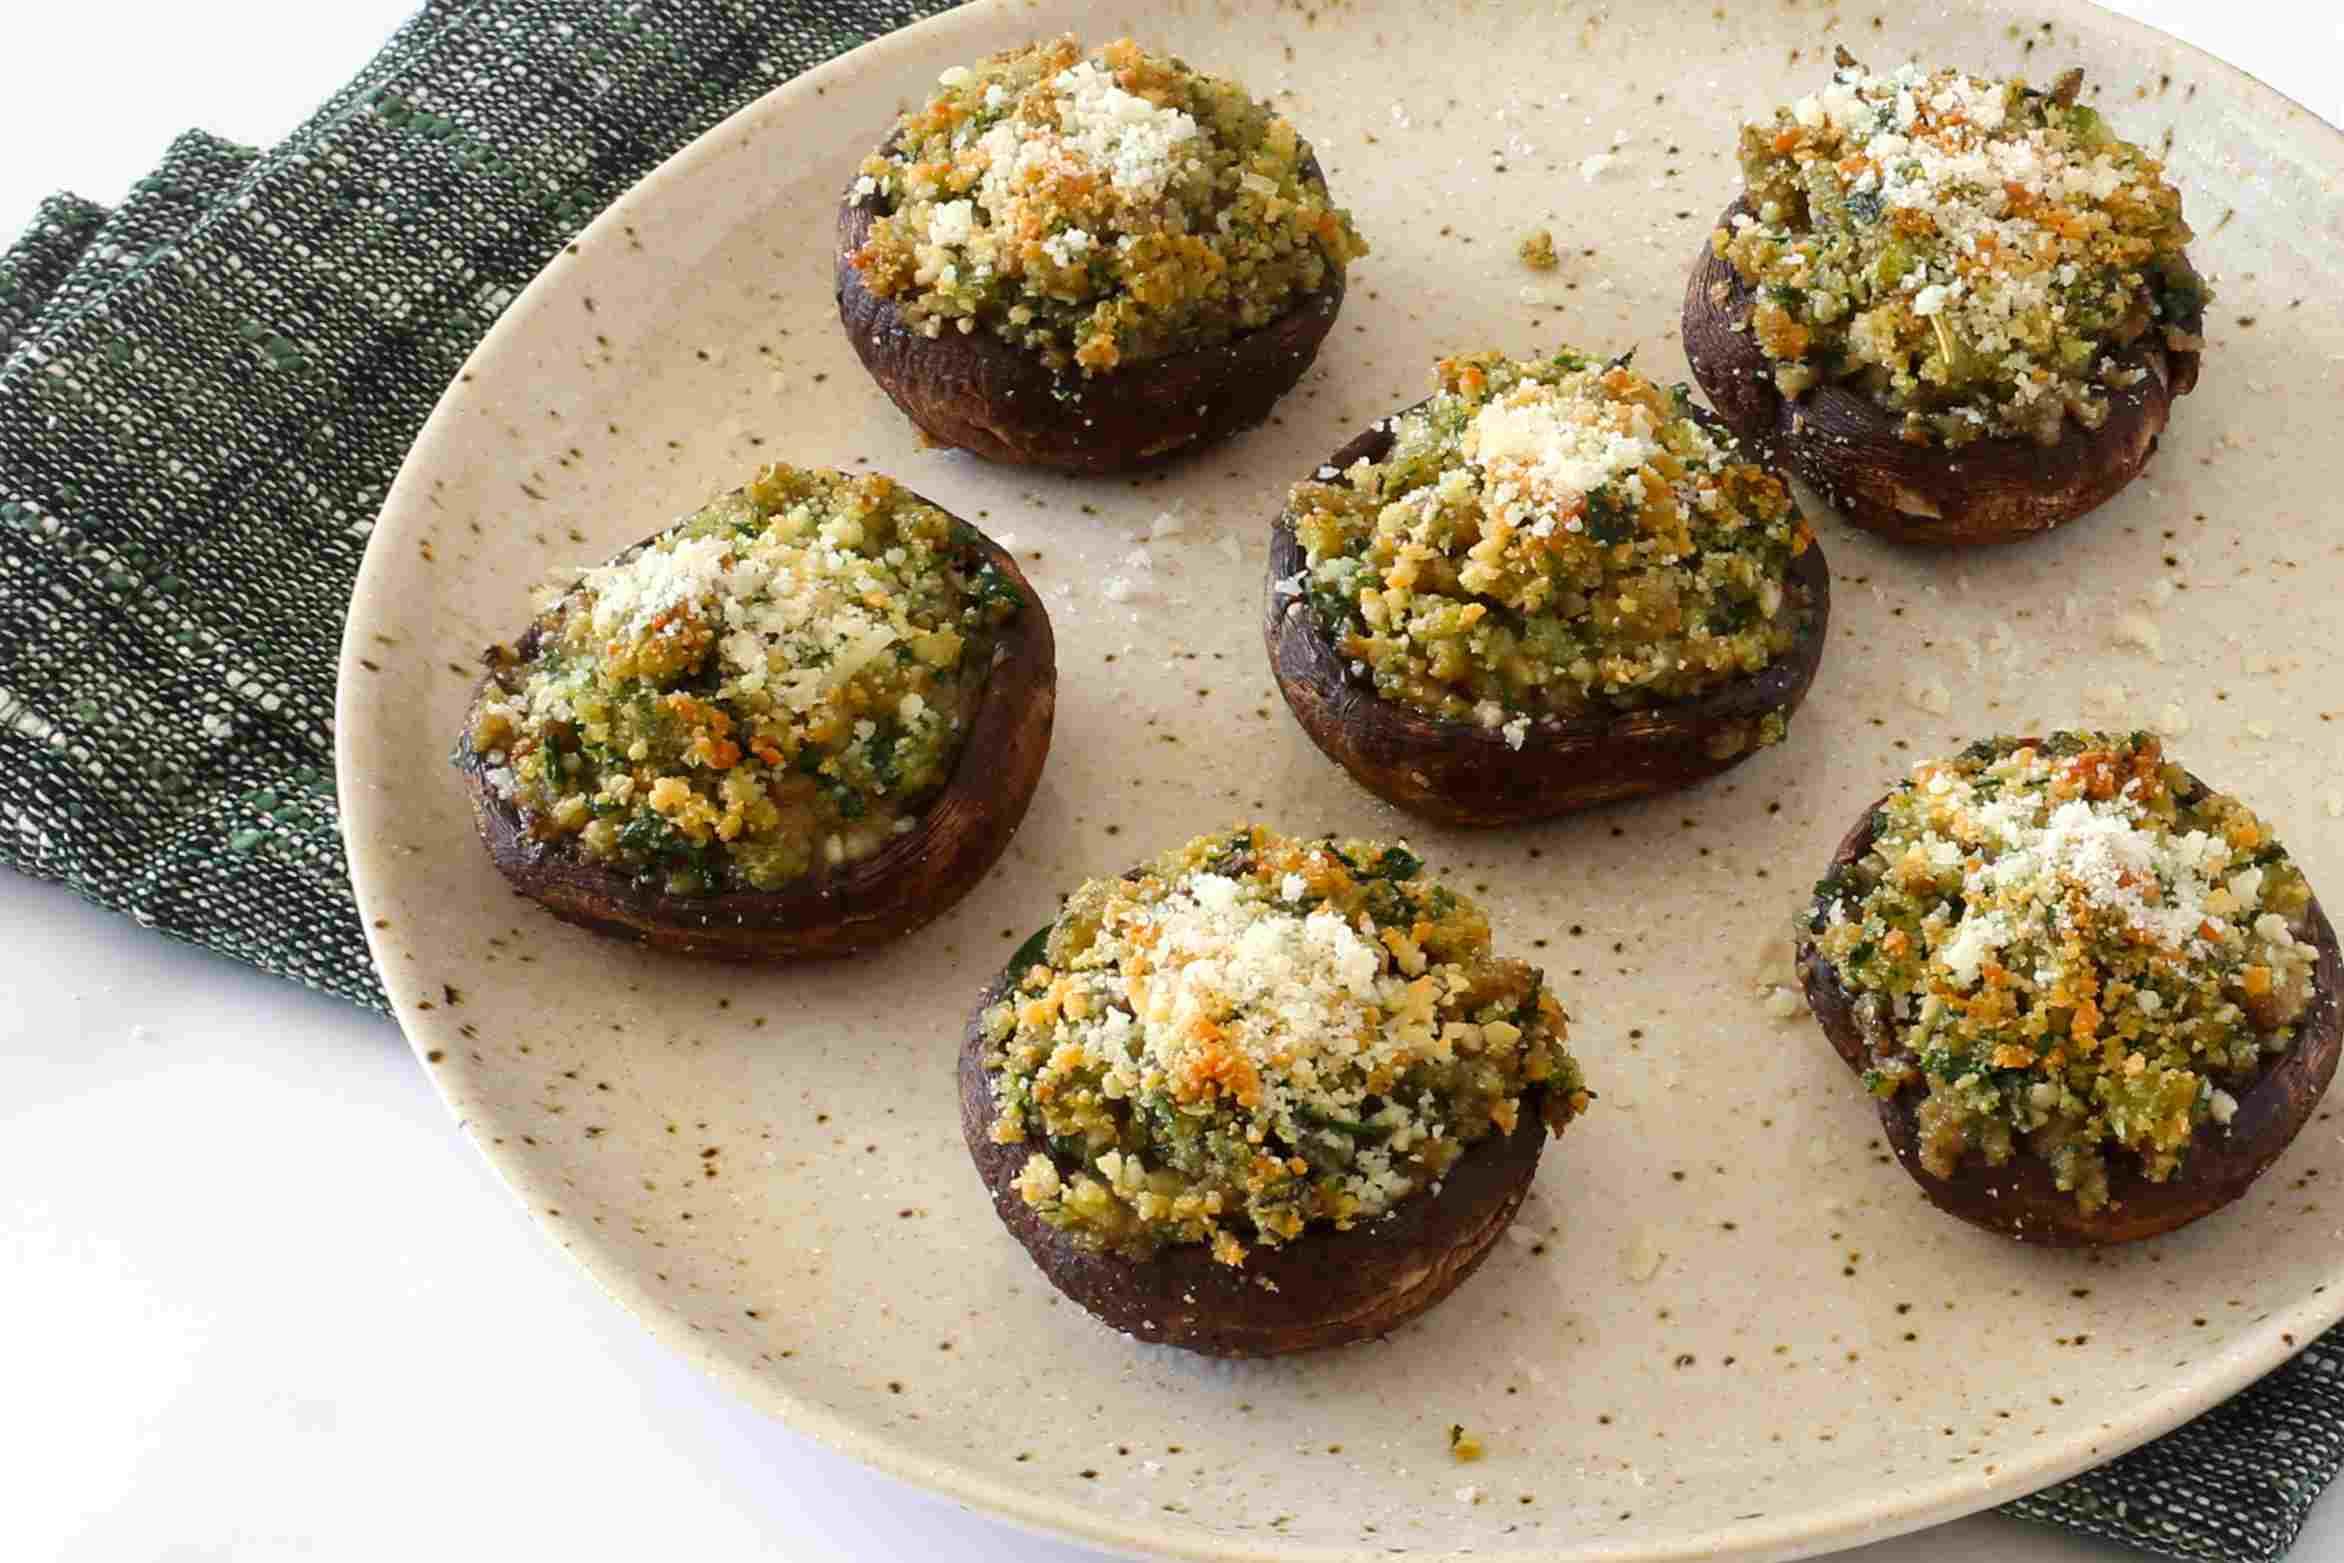 Arrange the stuffed mushrooms on a plate.